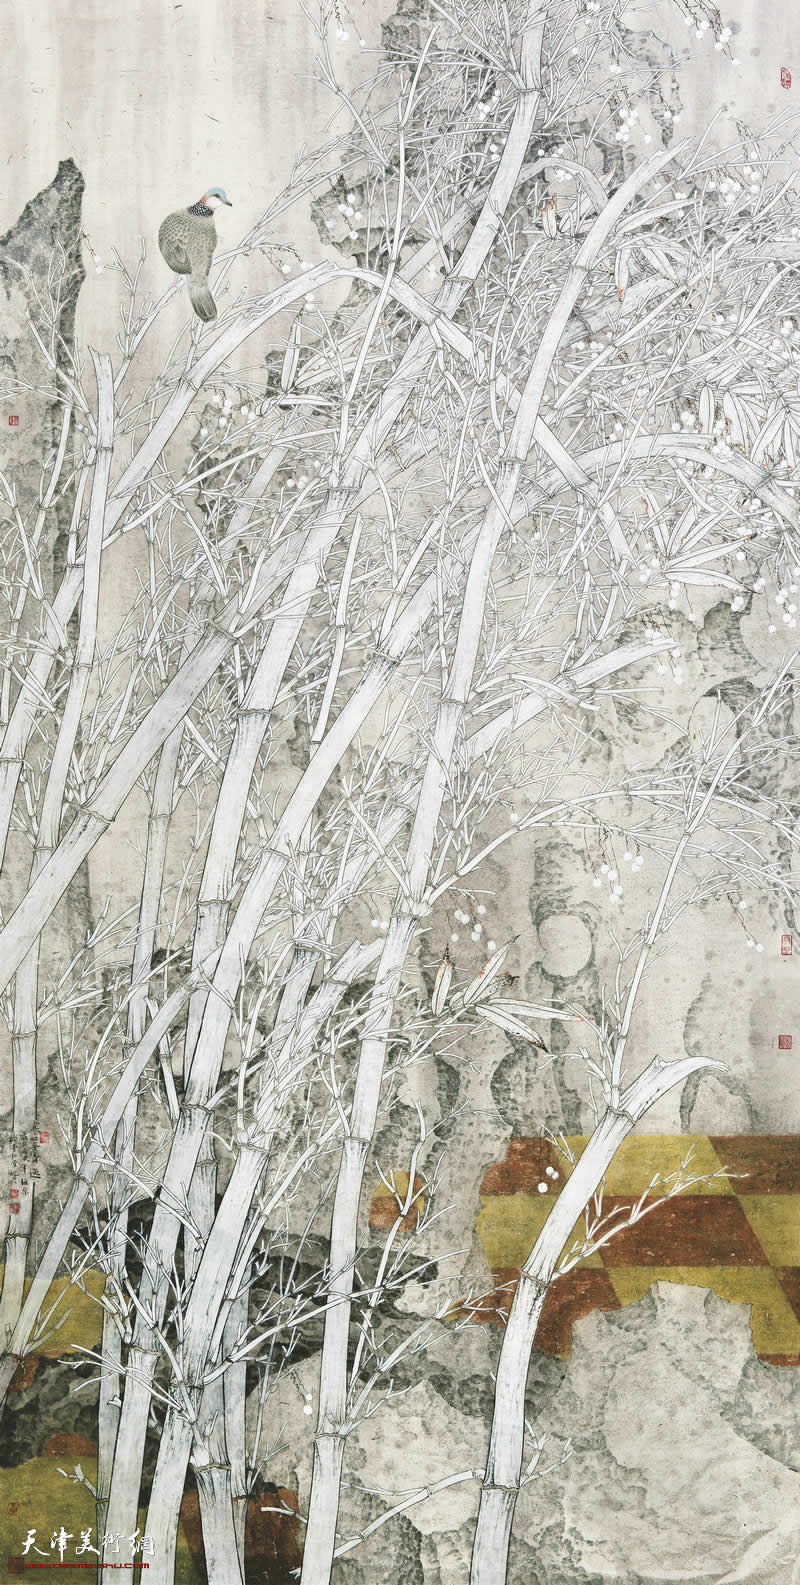 王柏松 广西 寒翠·清逸 248cm×124cm